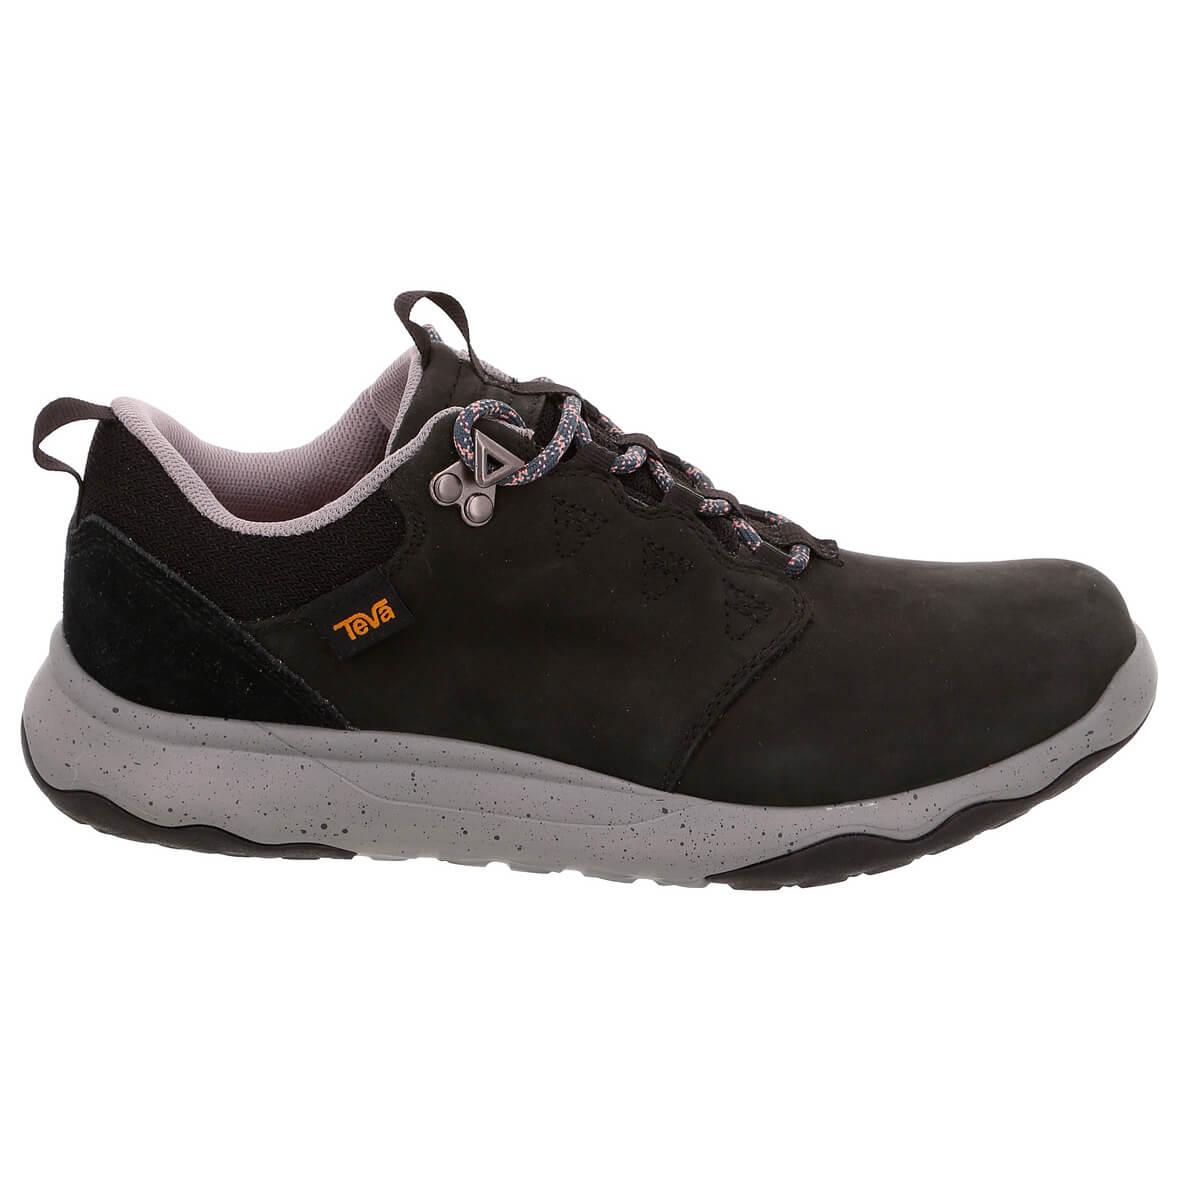 Teva - Women's Arrowood Lux WP - Sneaker Black / Grey